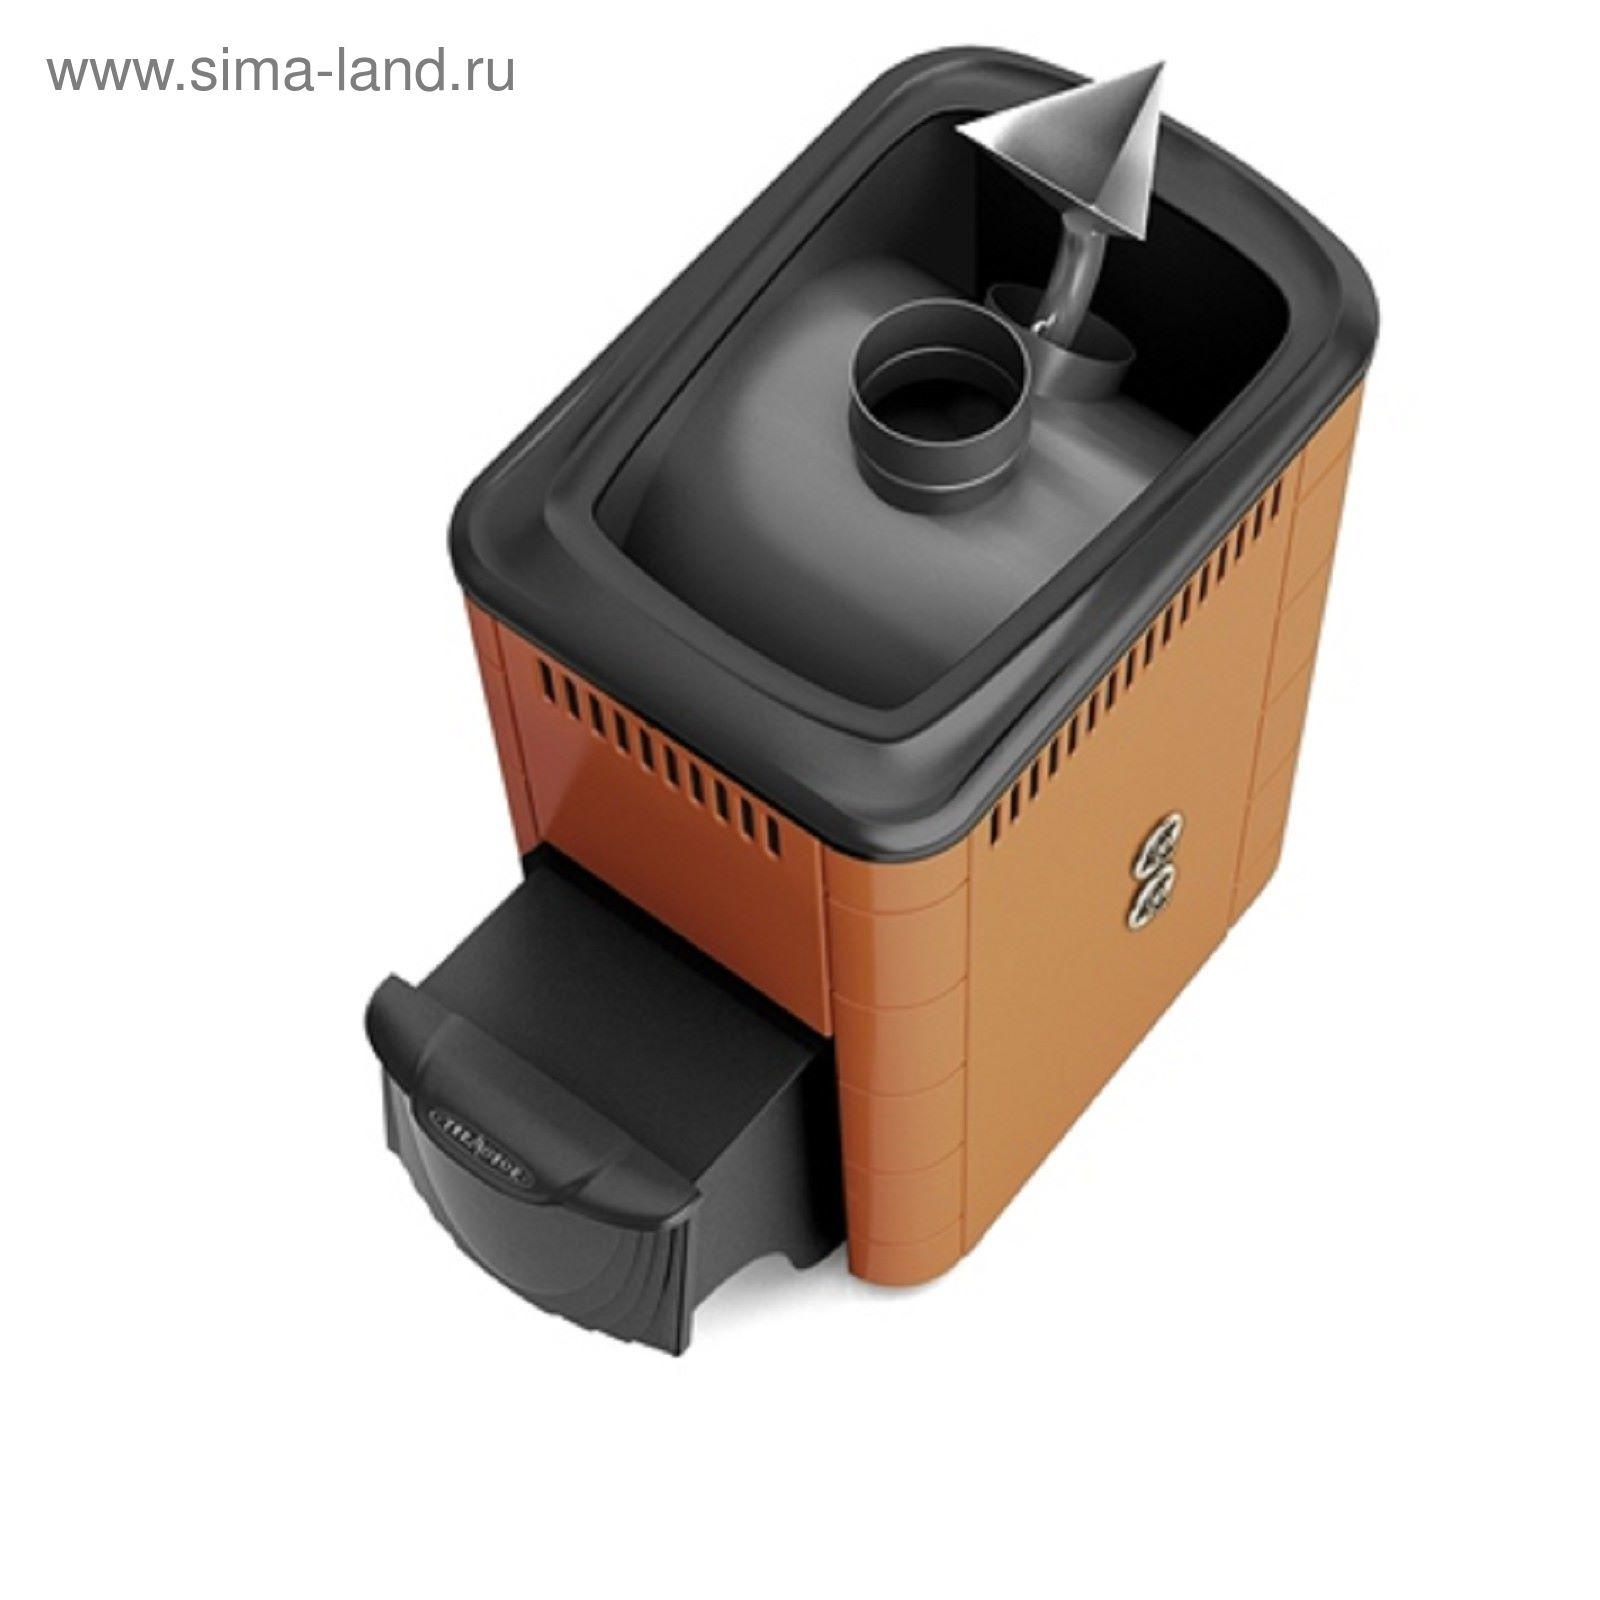 Термофор ангара 2012 антрацит с теплообменником Подогреватель высокого давления ПВД-375-23-5,0-1 Новый Уренгой